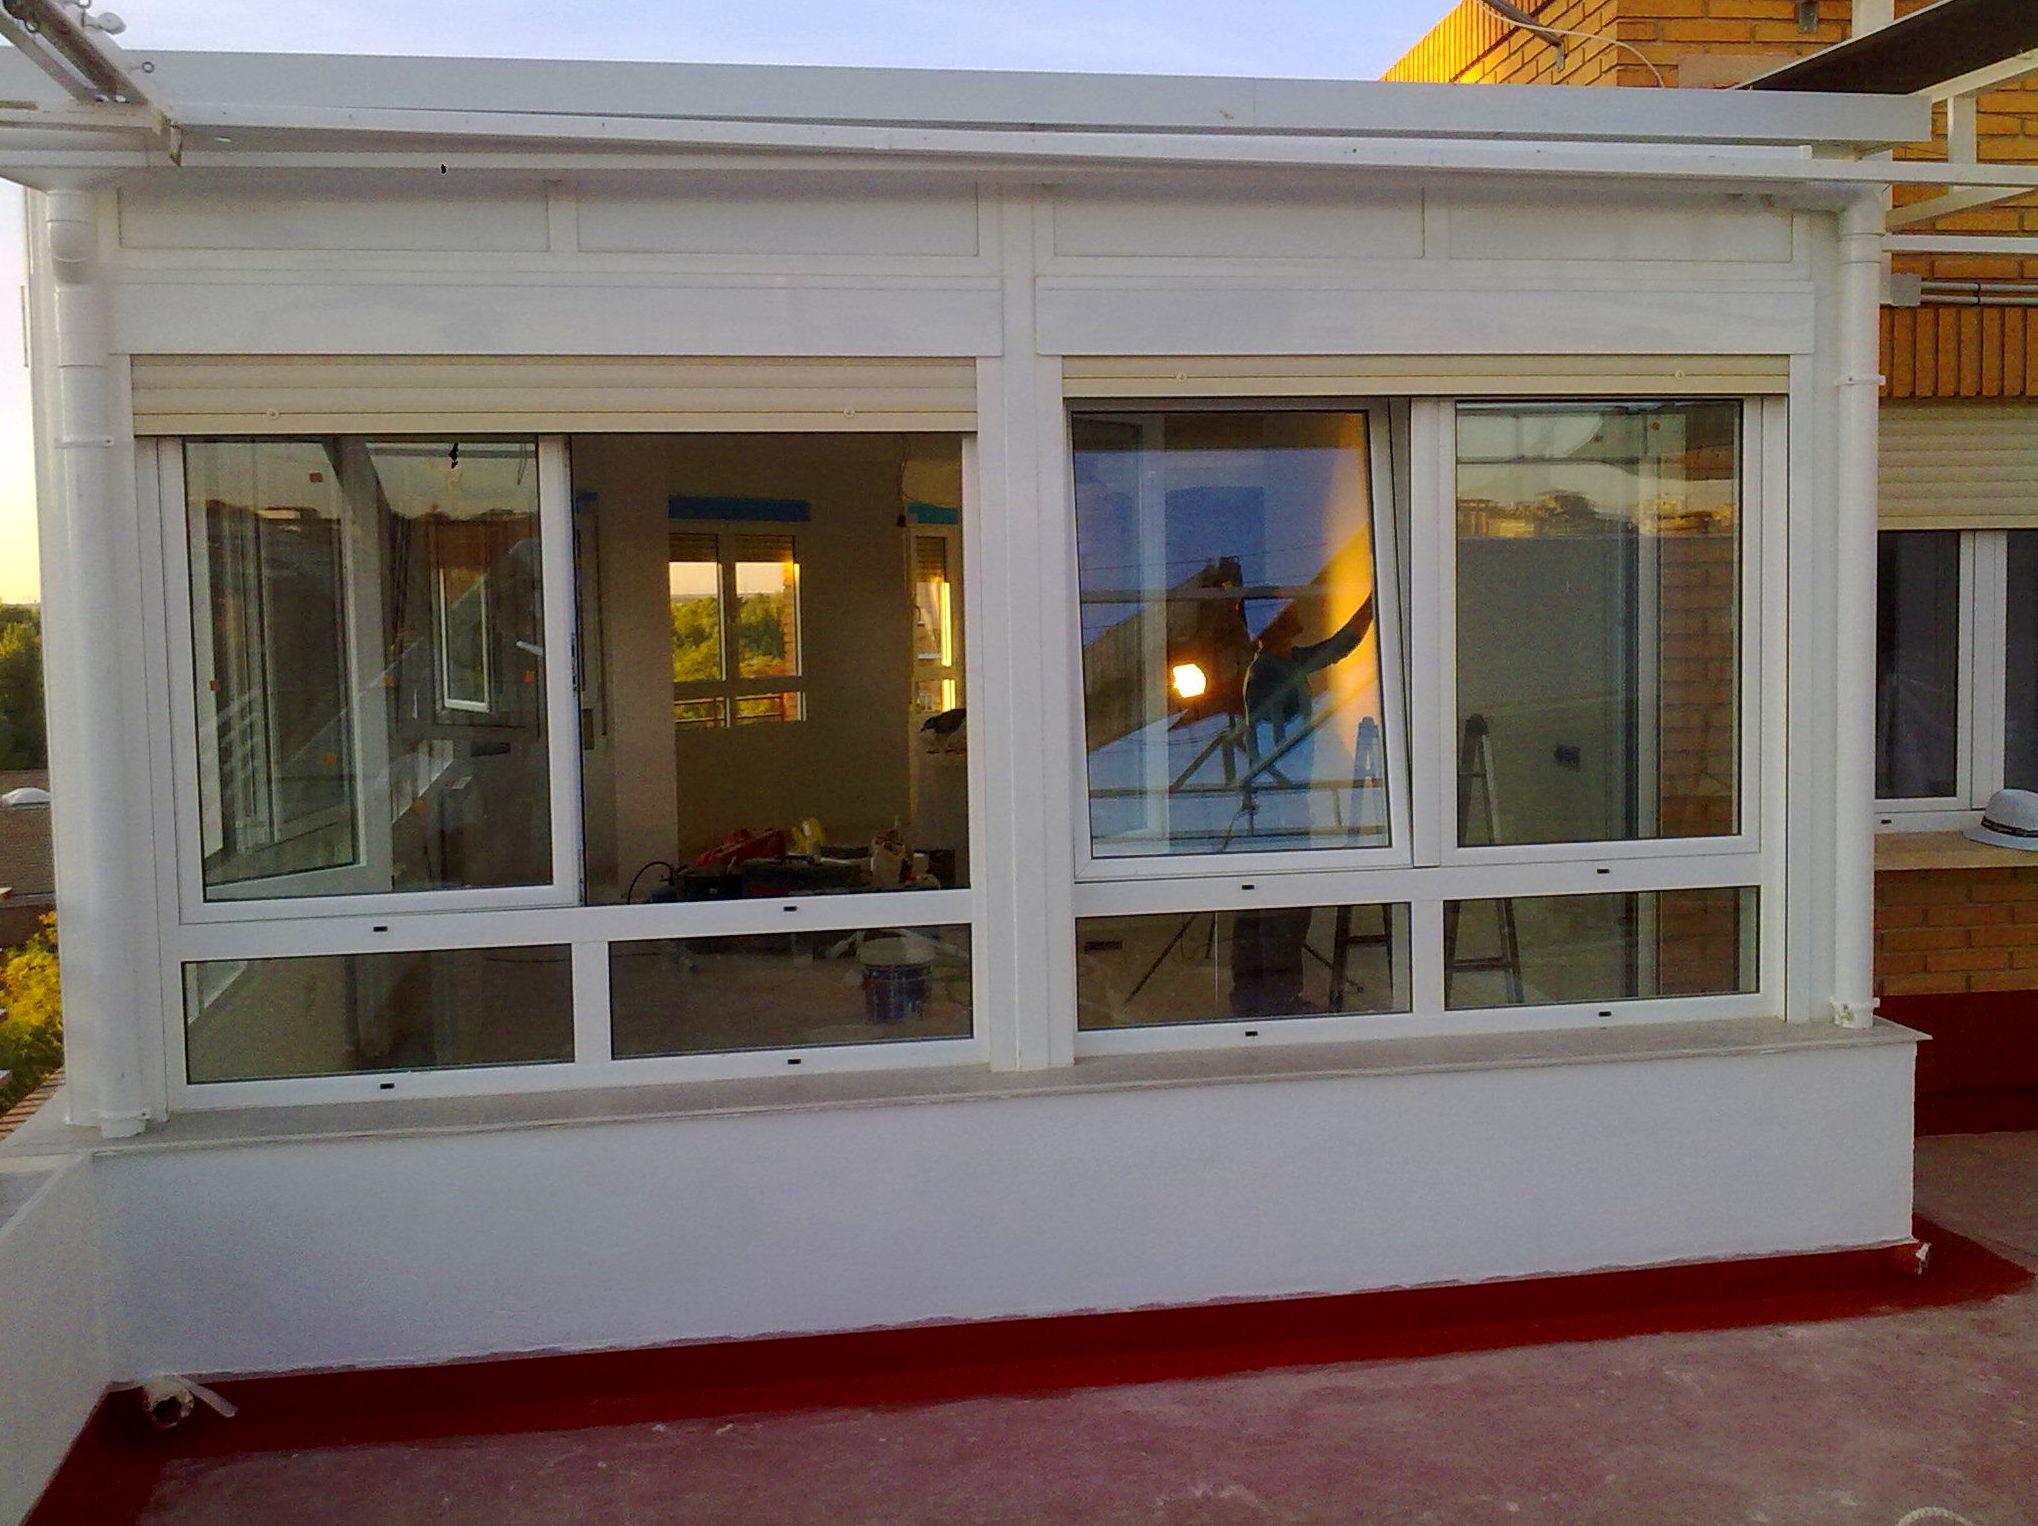 Trabajo realizado, terraza cubierta